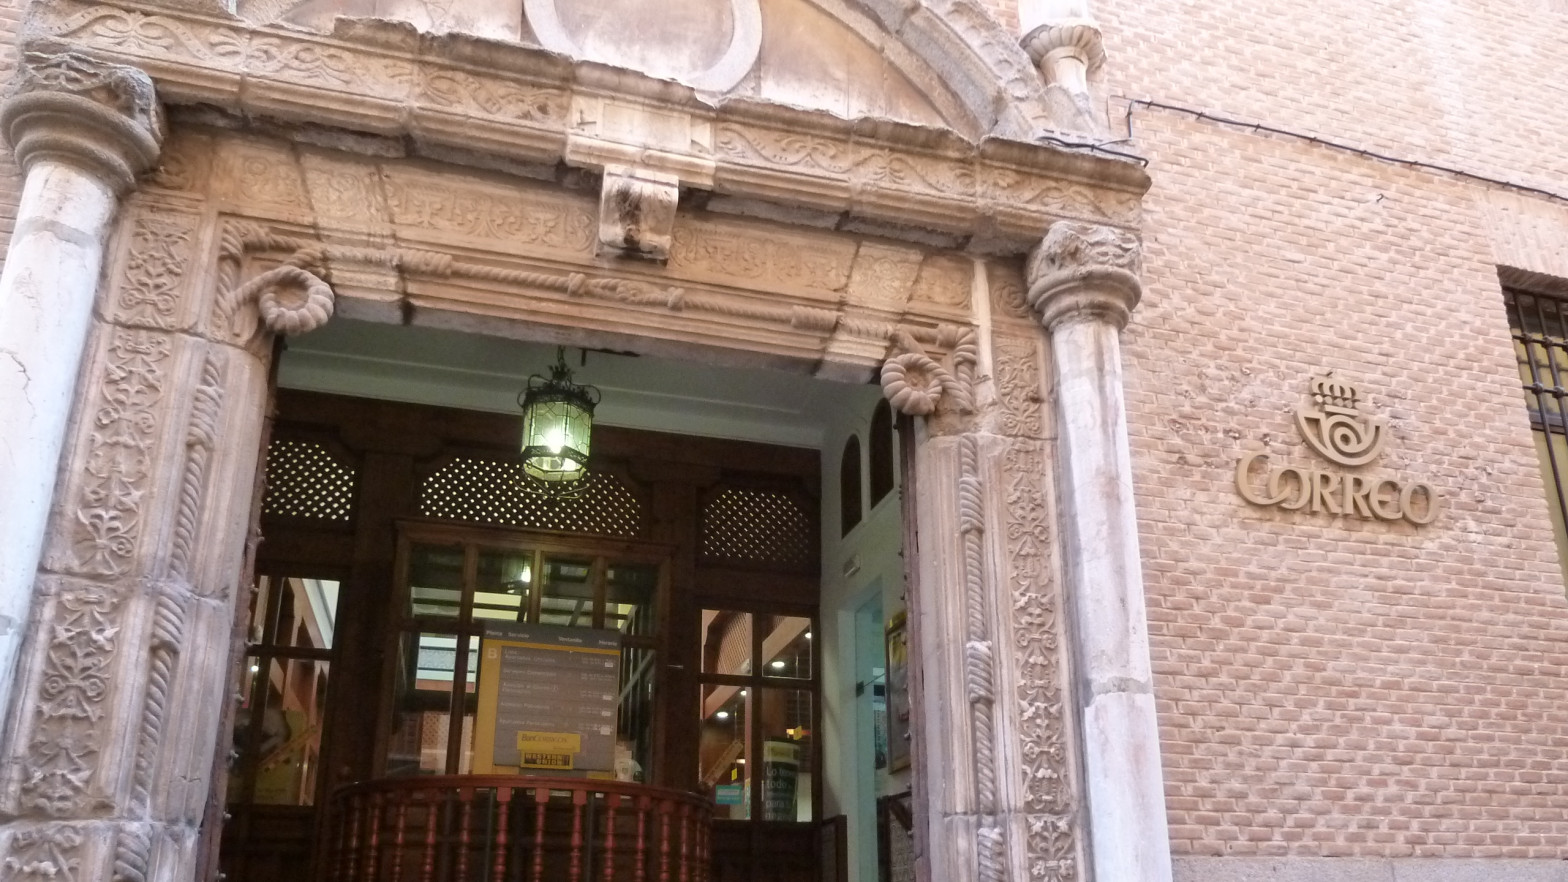 El Museo Postal de Correos y el nuevo despropósito de Serrano con el traslado a Toledo